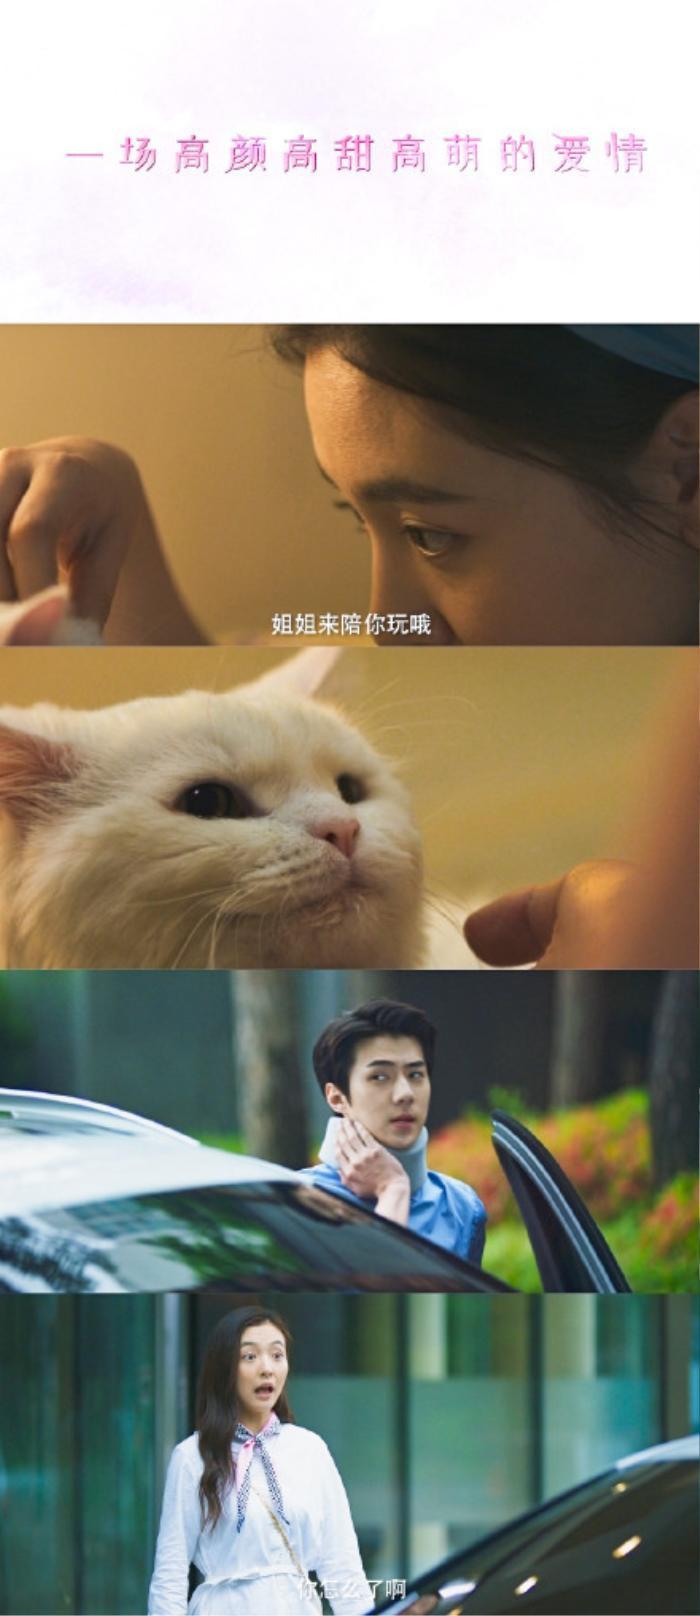 Sau thời gian dài 'đắp chiếu', cuối cùng phim điện ảnh của Sehun - Ngô Thiến cũng có cơ hội ra mắt? Ảnh 2